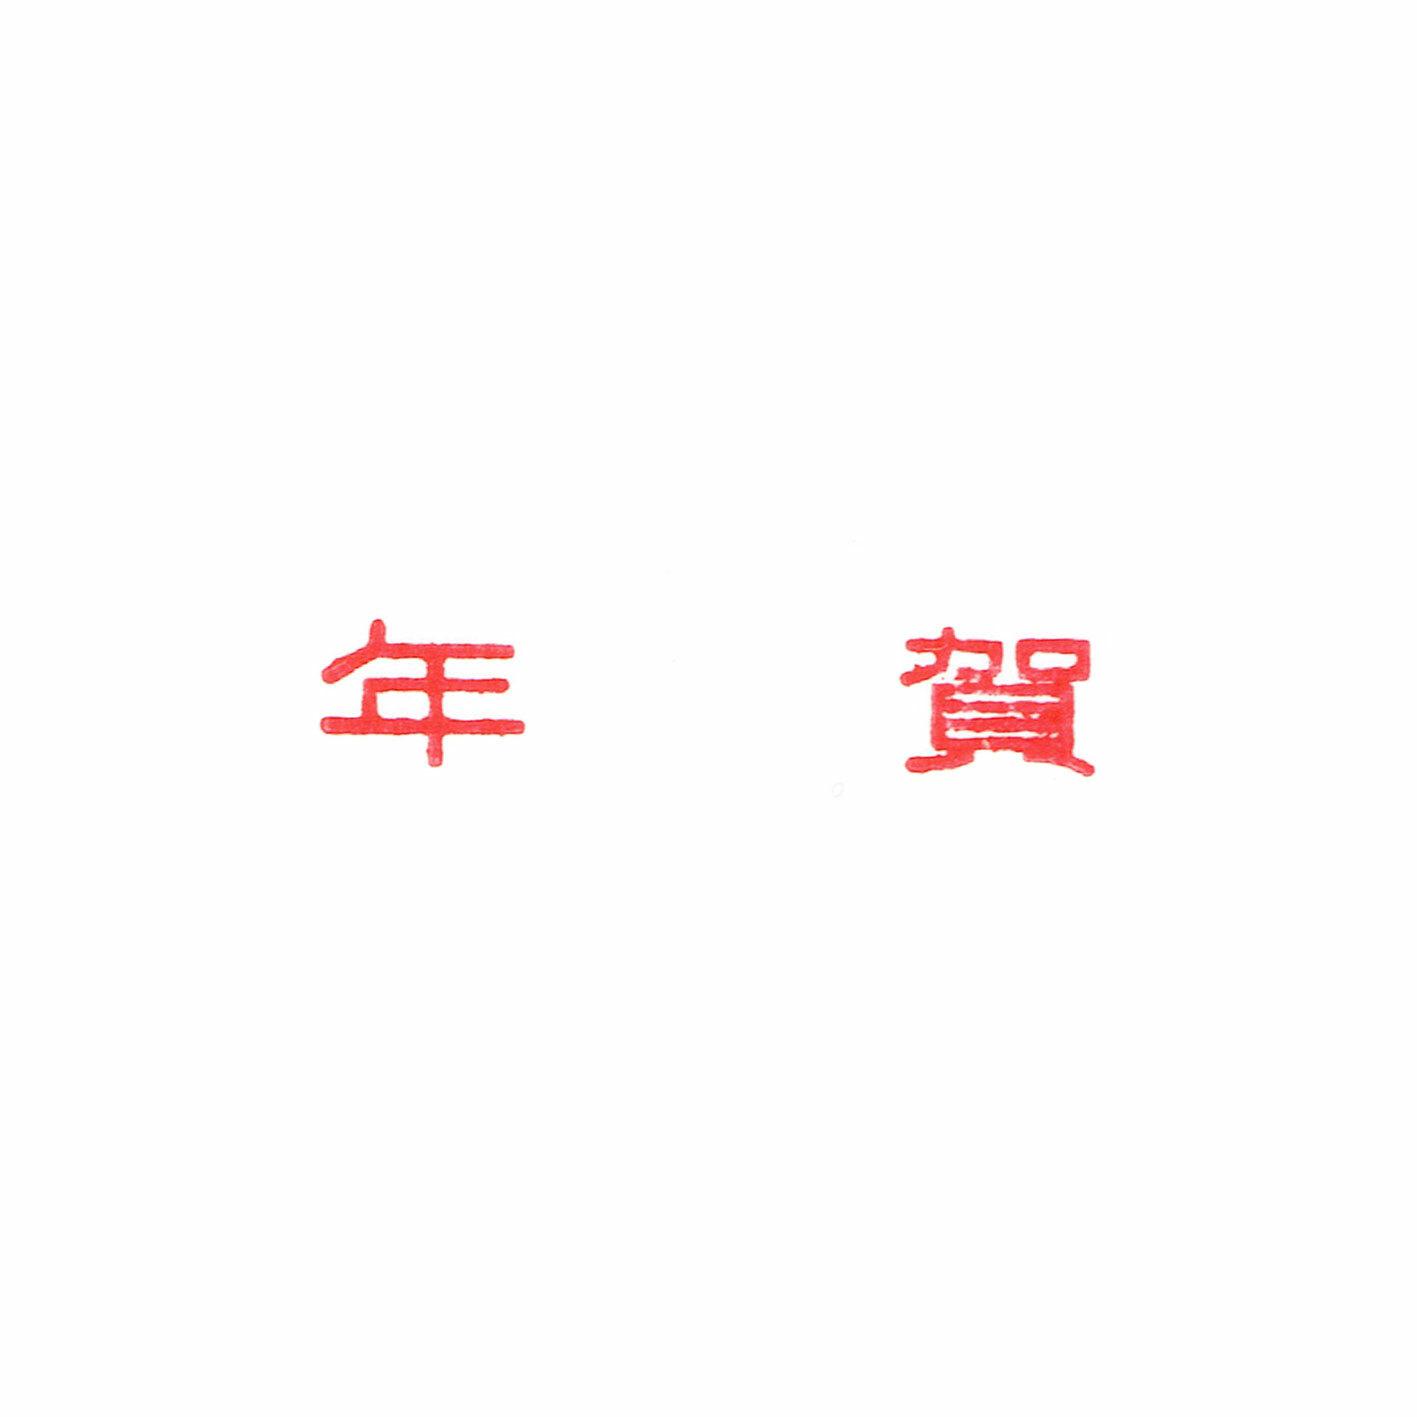 年賀ゴム印(横書き)